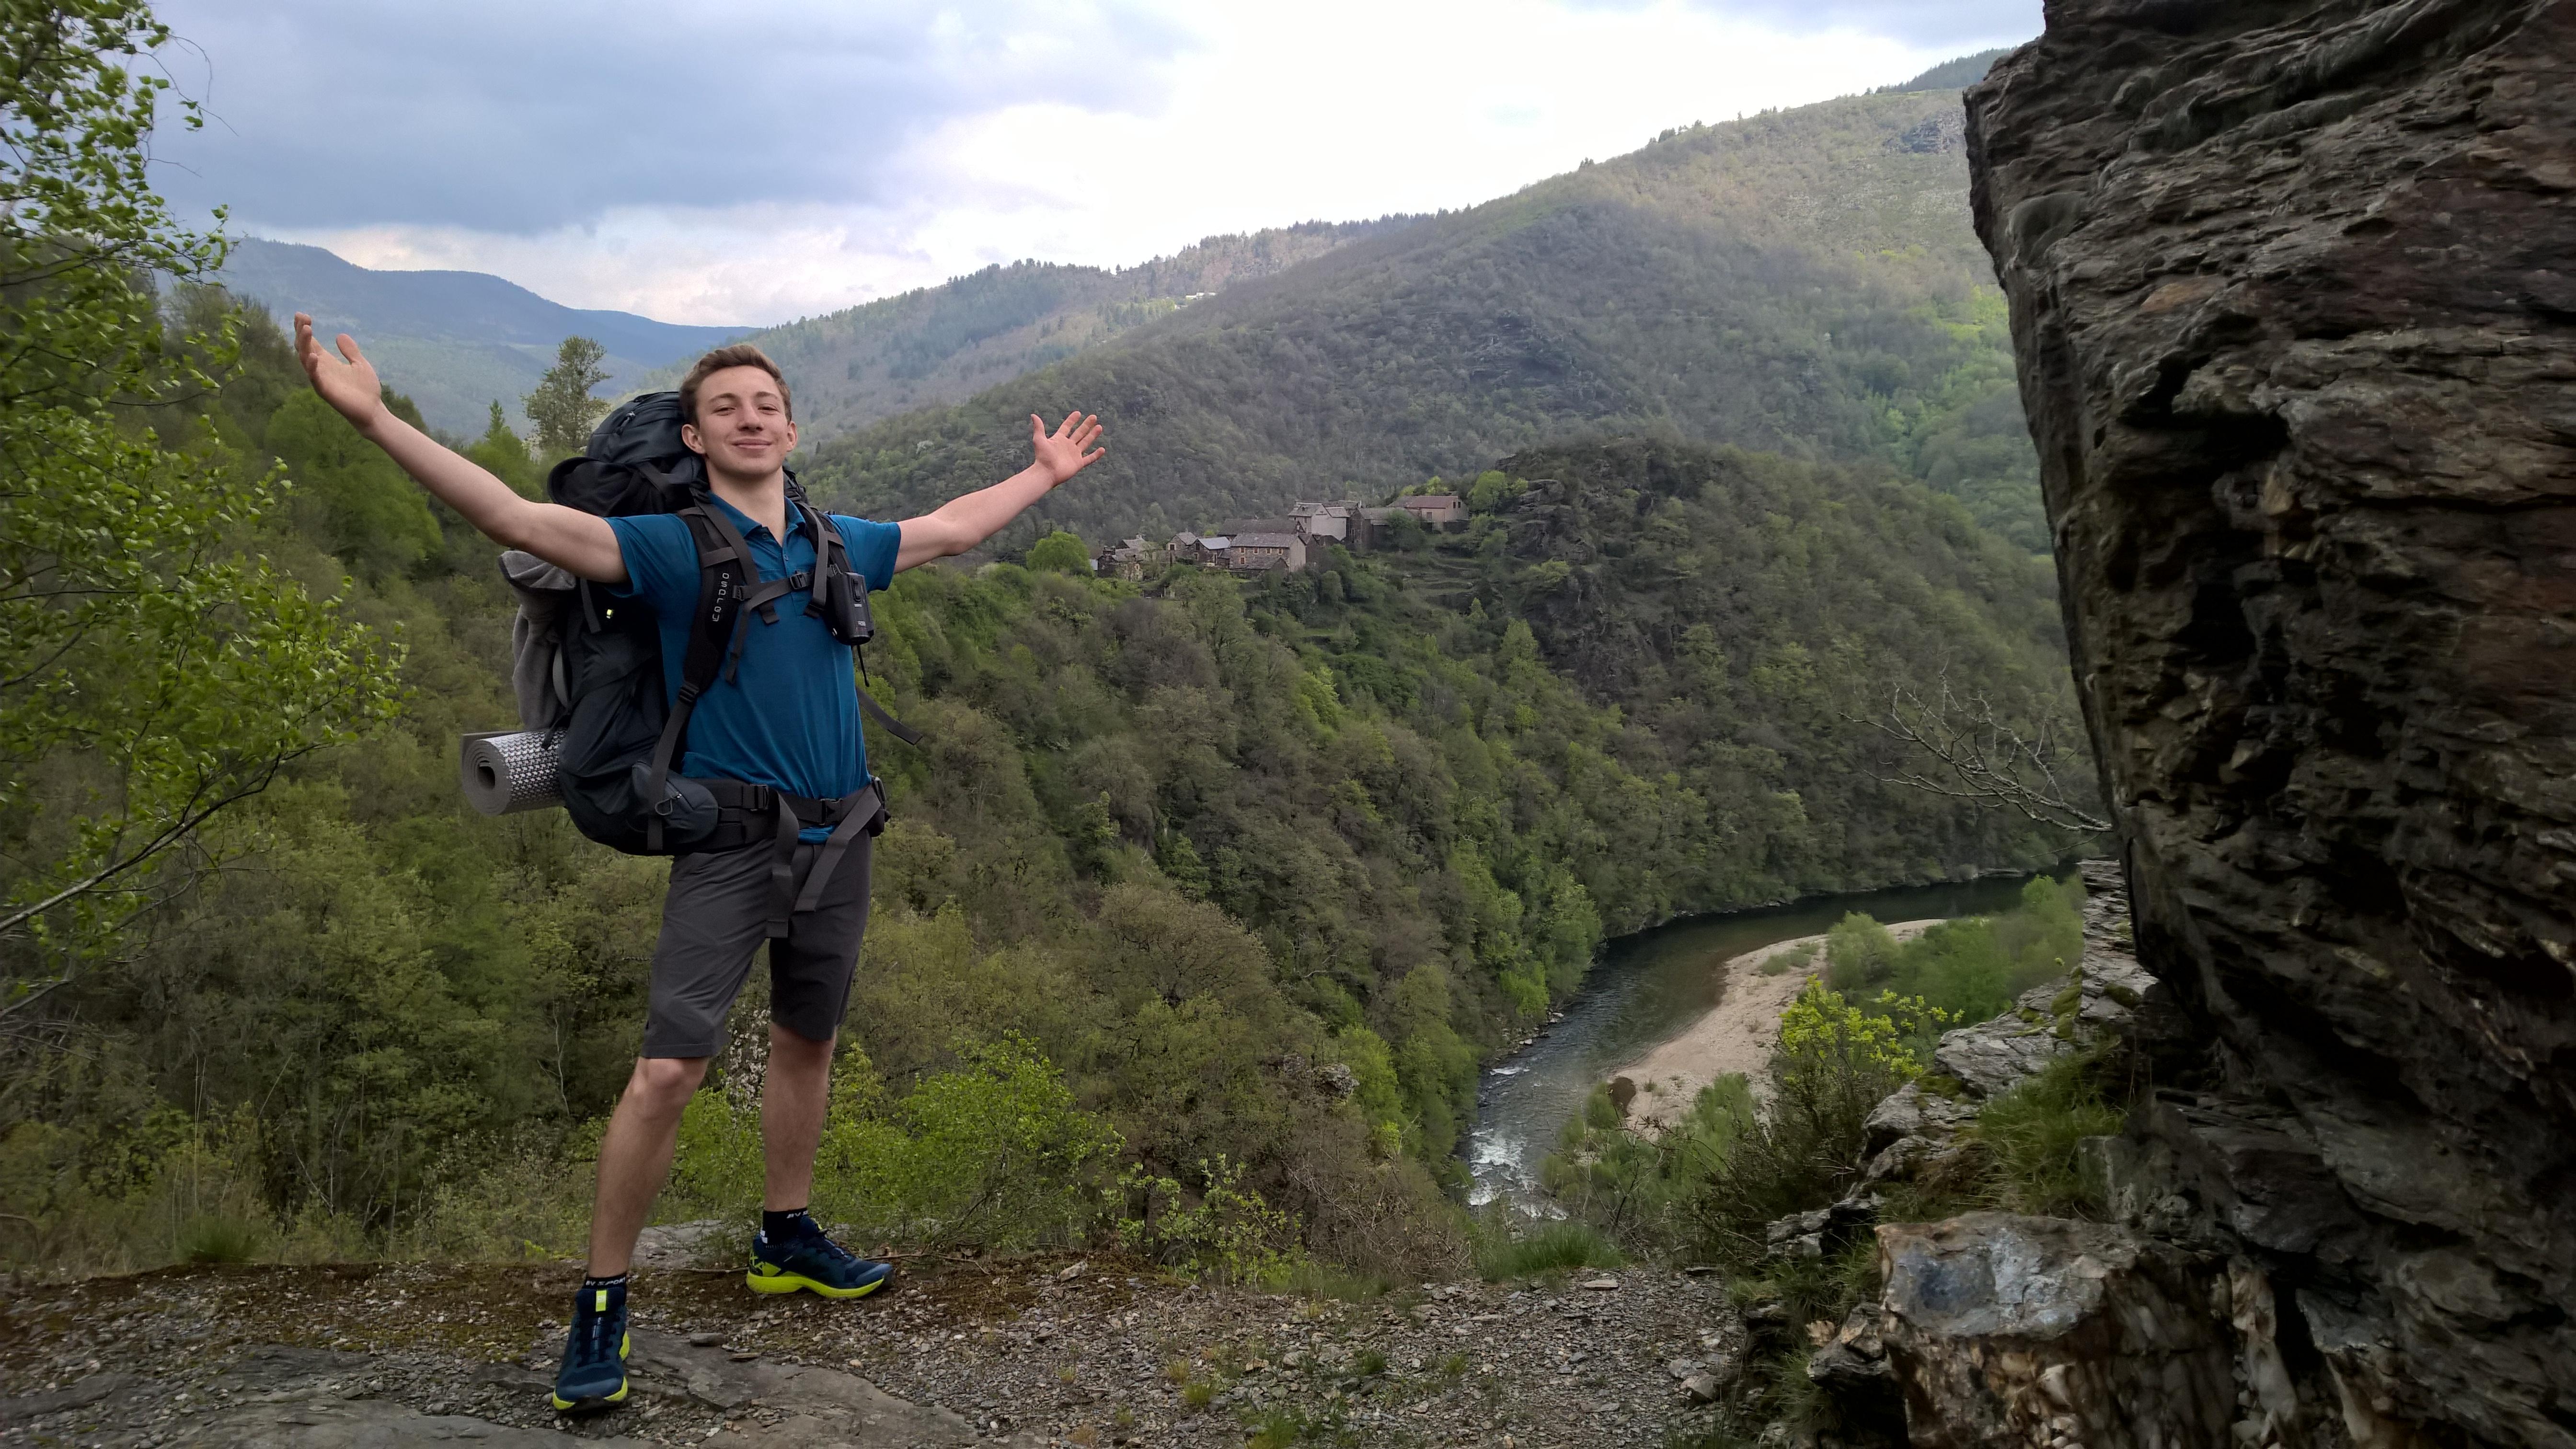 TREK de 3 jours sur les Gorges du Tarn – Autonomie totale